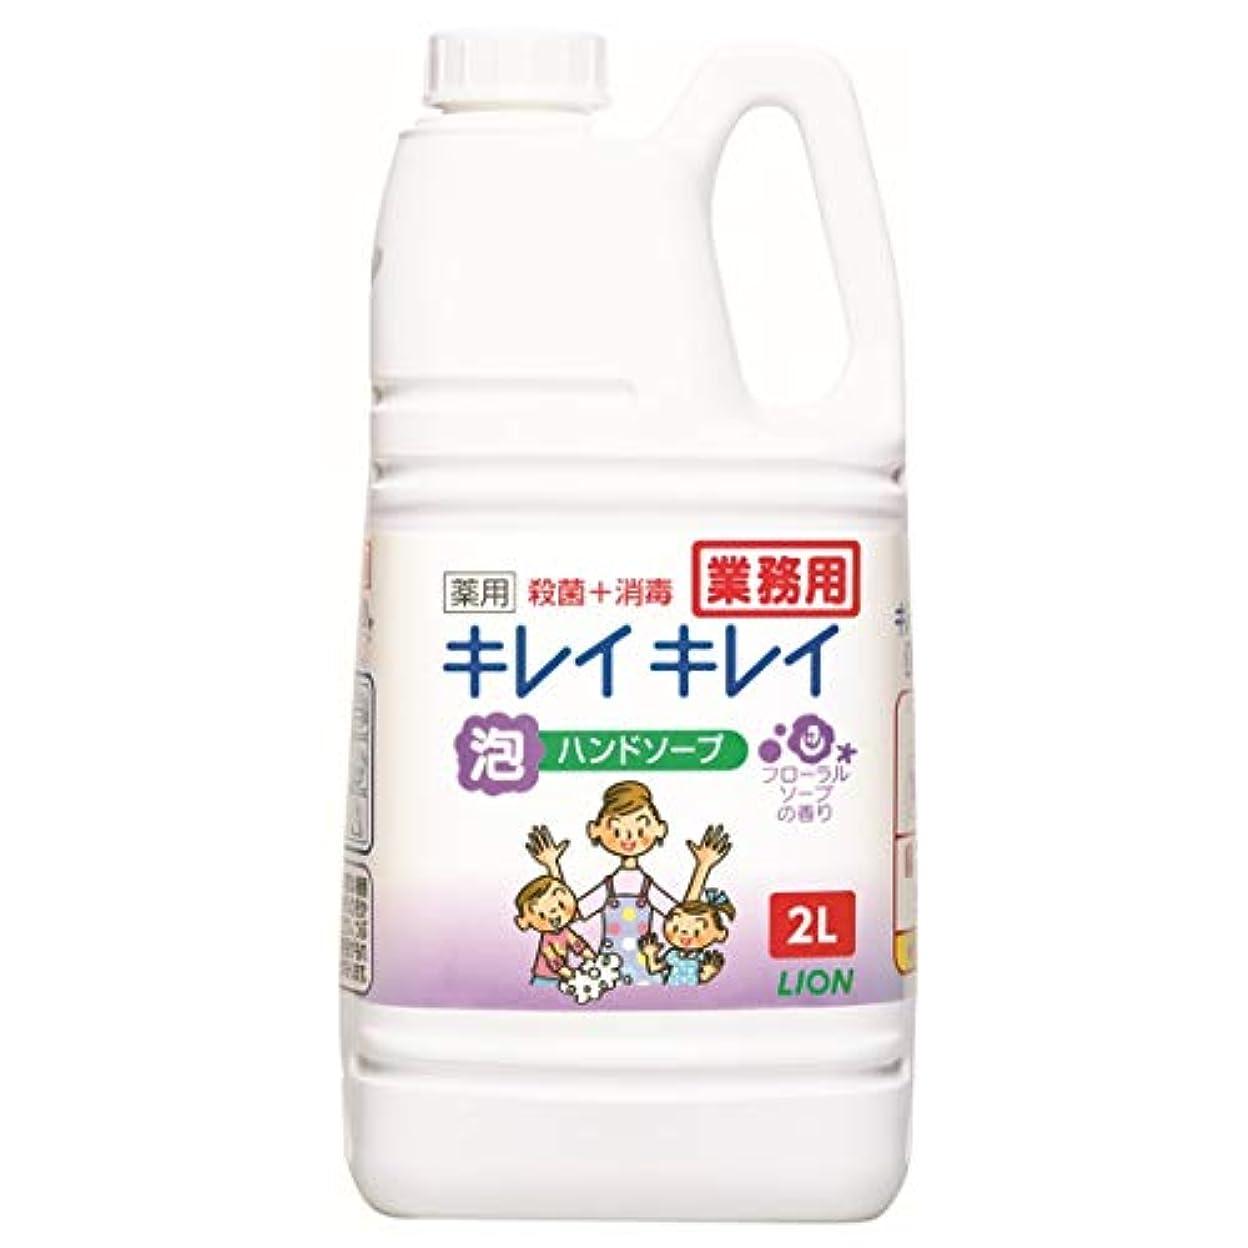 極めていちゃつくリングバック【大容量】キレイキレイ 薬用泡ハンドソープ フローラルソープの香り 2L